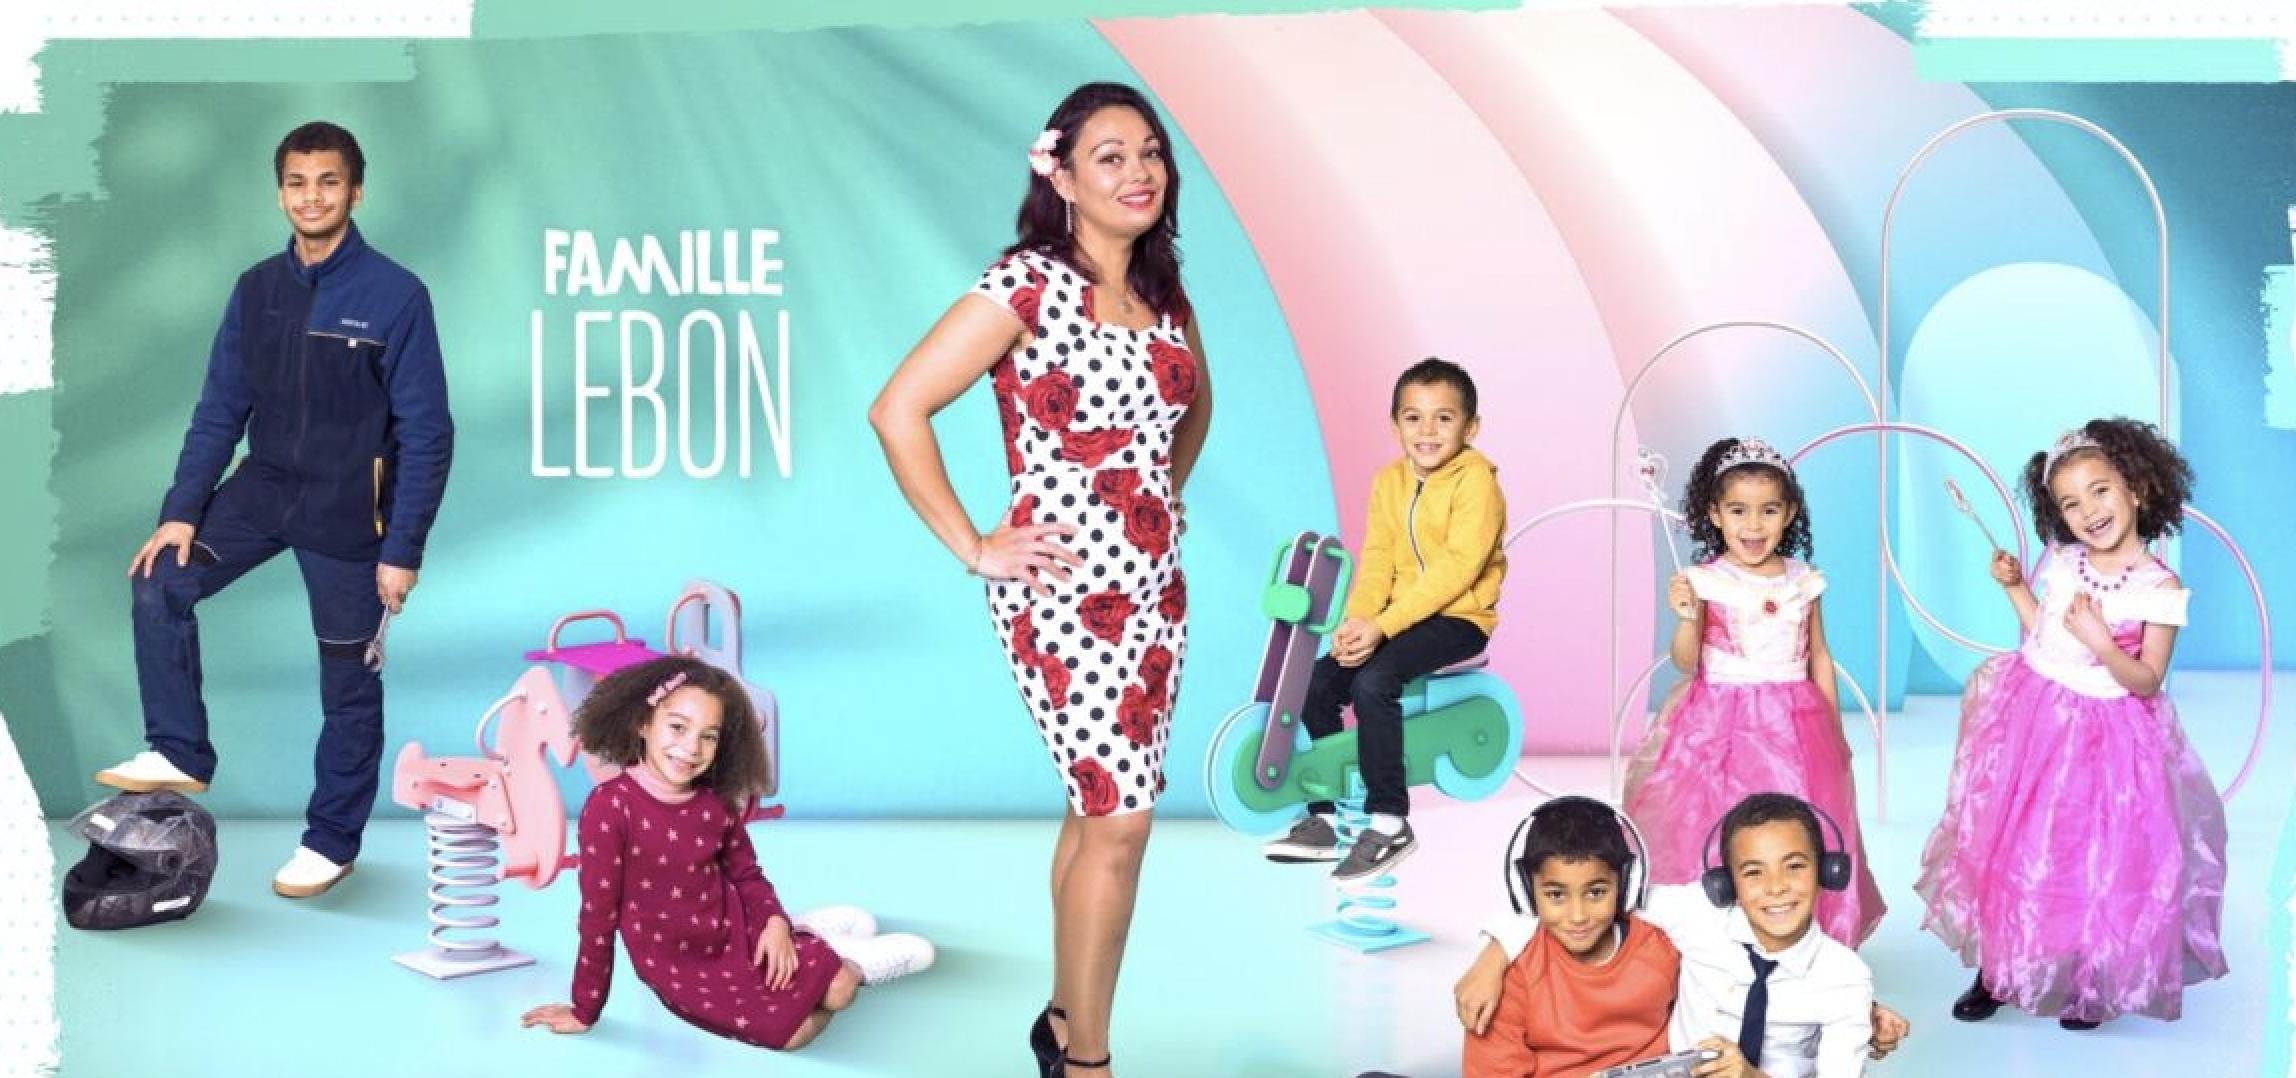 Familles nombreuses - Familles nombreuses la vie en XXL - Famille Lebon -